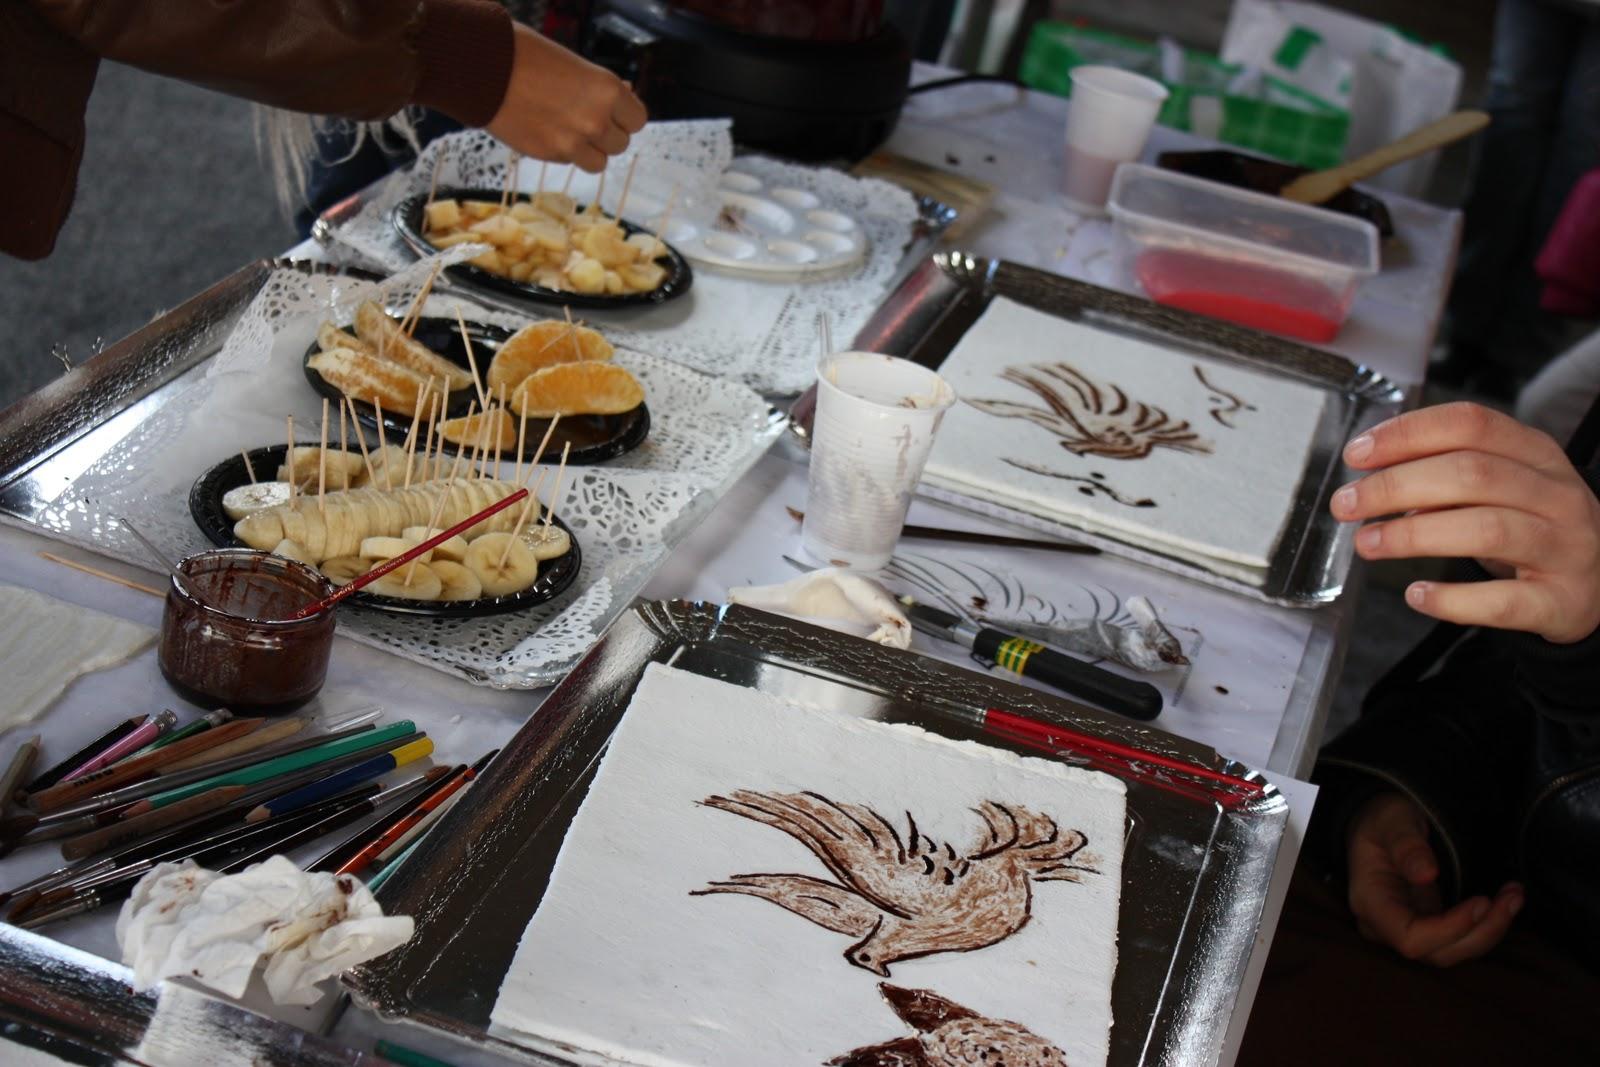 Semaine du go t c 39 est chocolat arts appliqu s montaleau - Arte la cuisine des terroirs ...